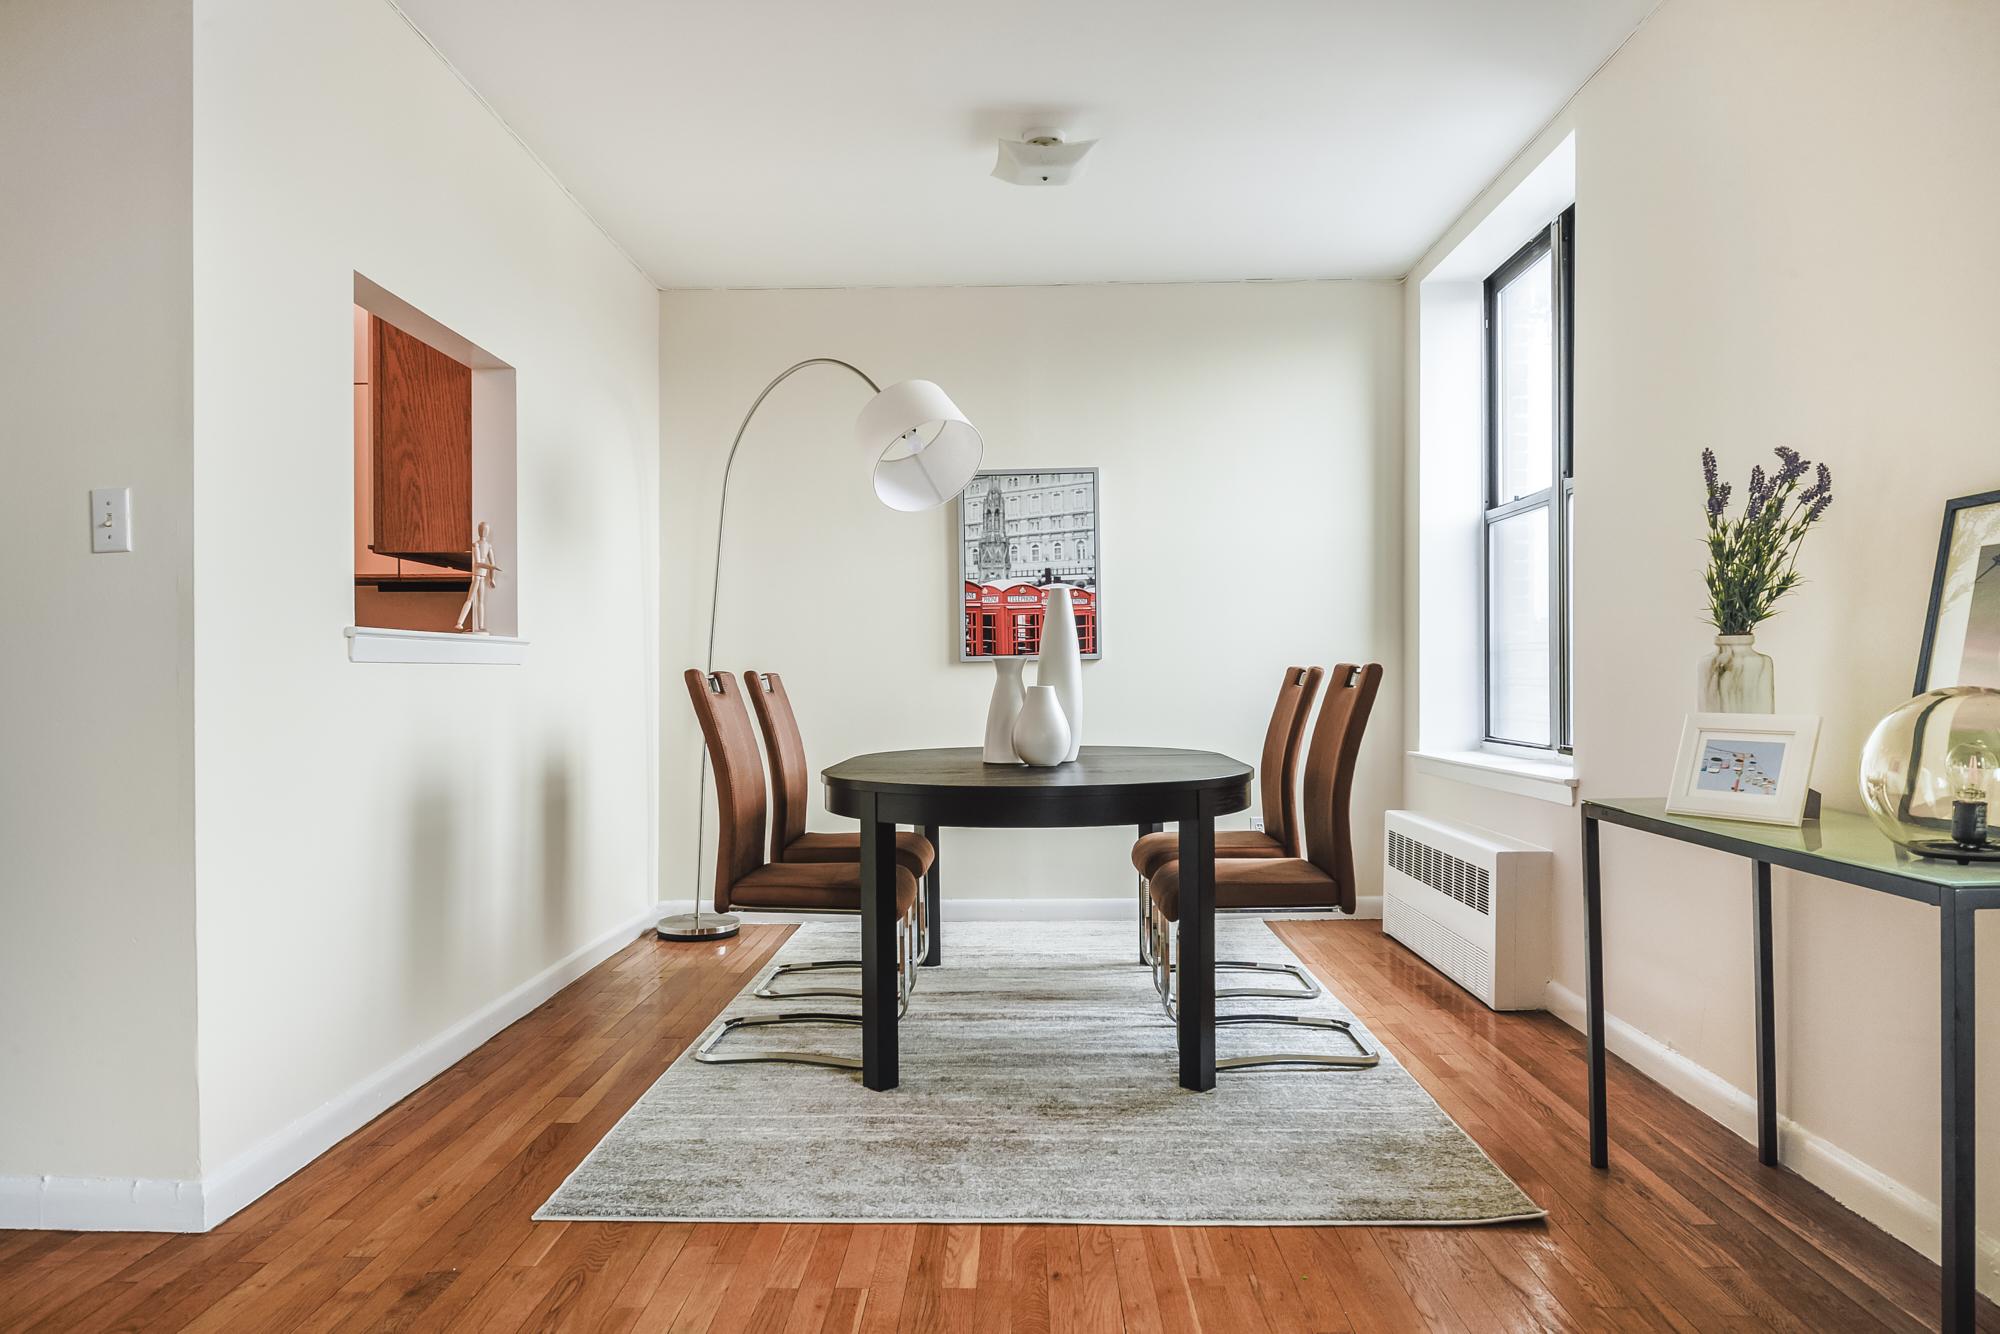 44 Butler PlAace, Unit 4E - $1,175,000 - Prospect Heights